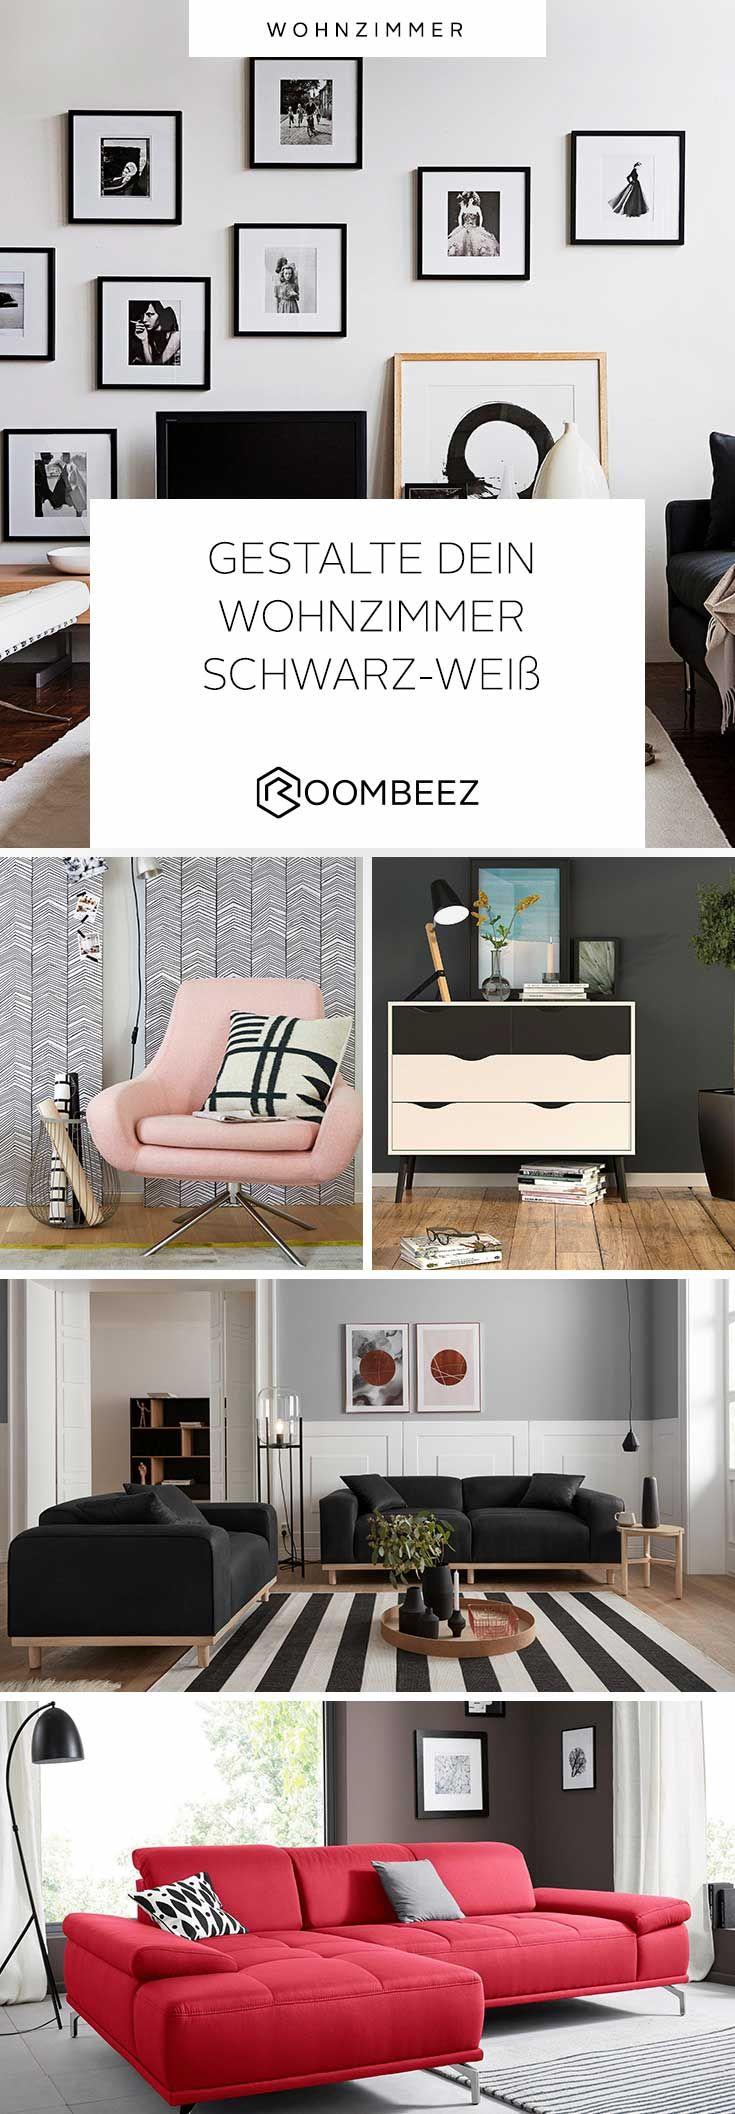 Wohnzimmer in Schwarz-Weiß » Einrichten mit Kontrasten ...